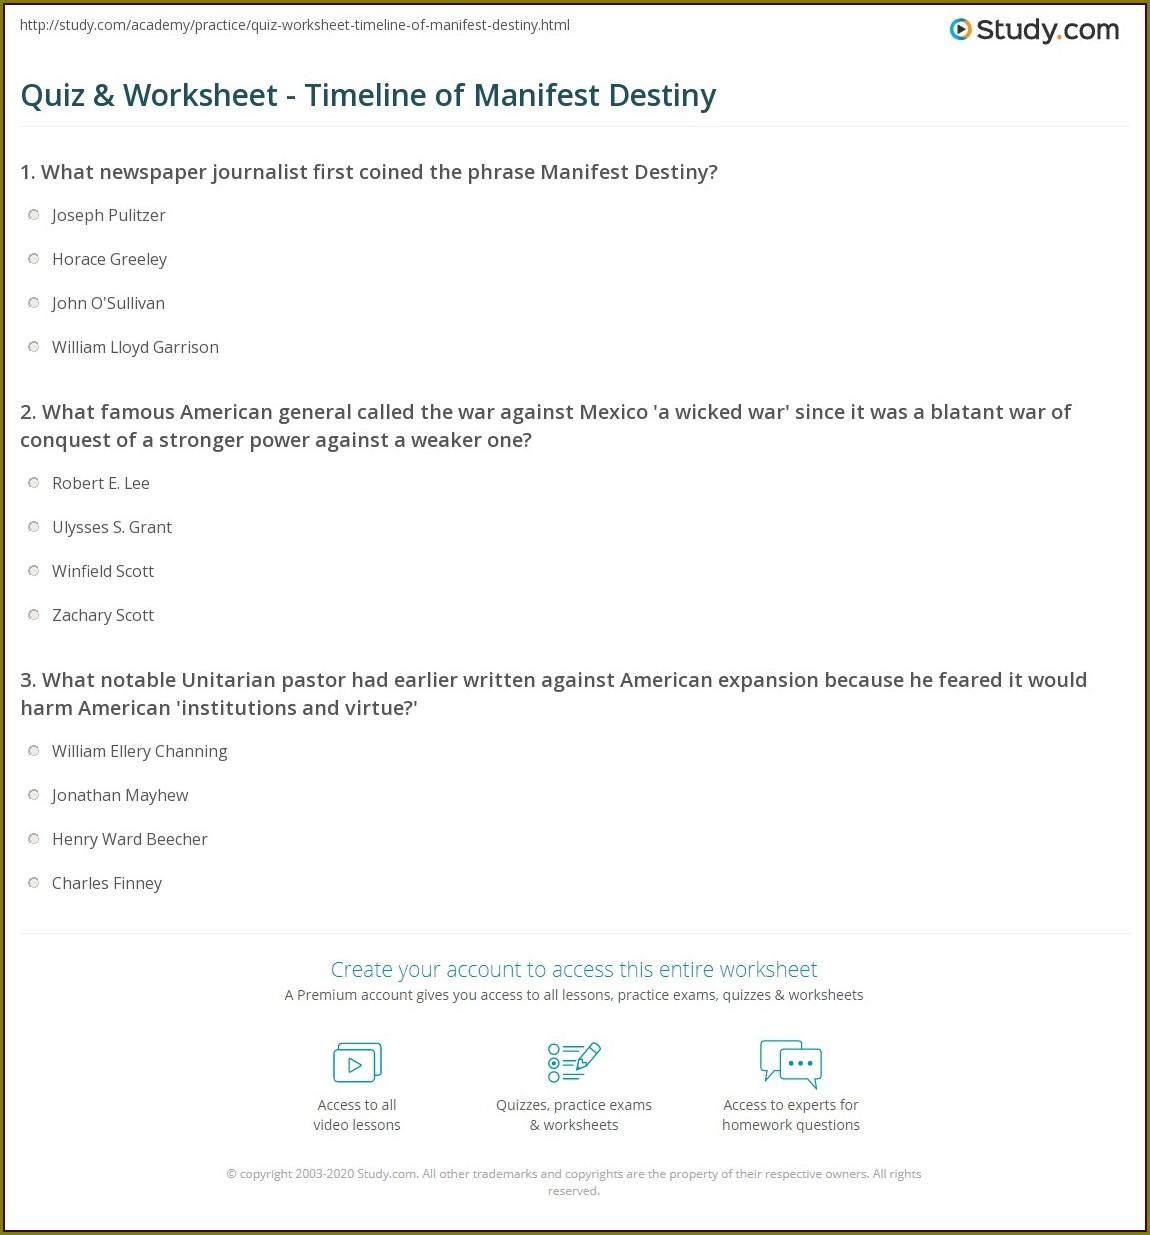 Manifest Destiny Timeline Worksheet